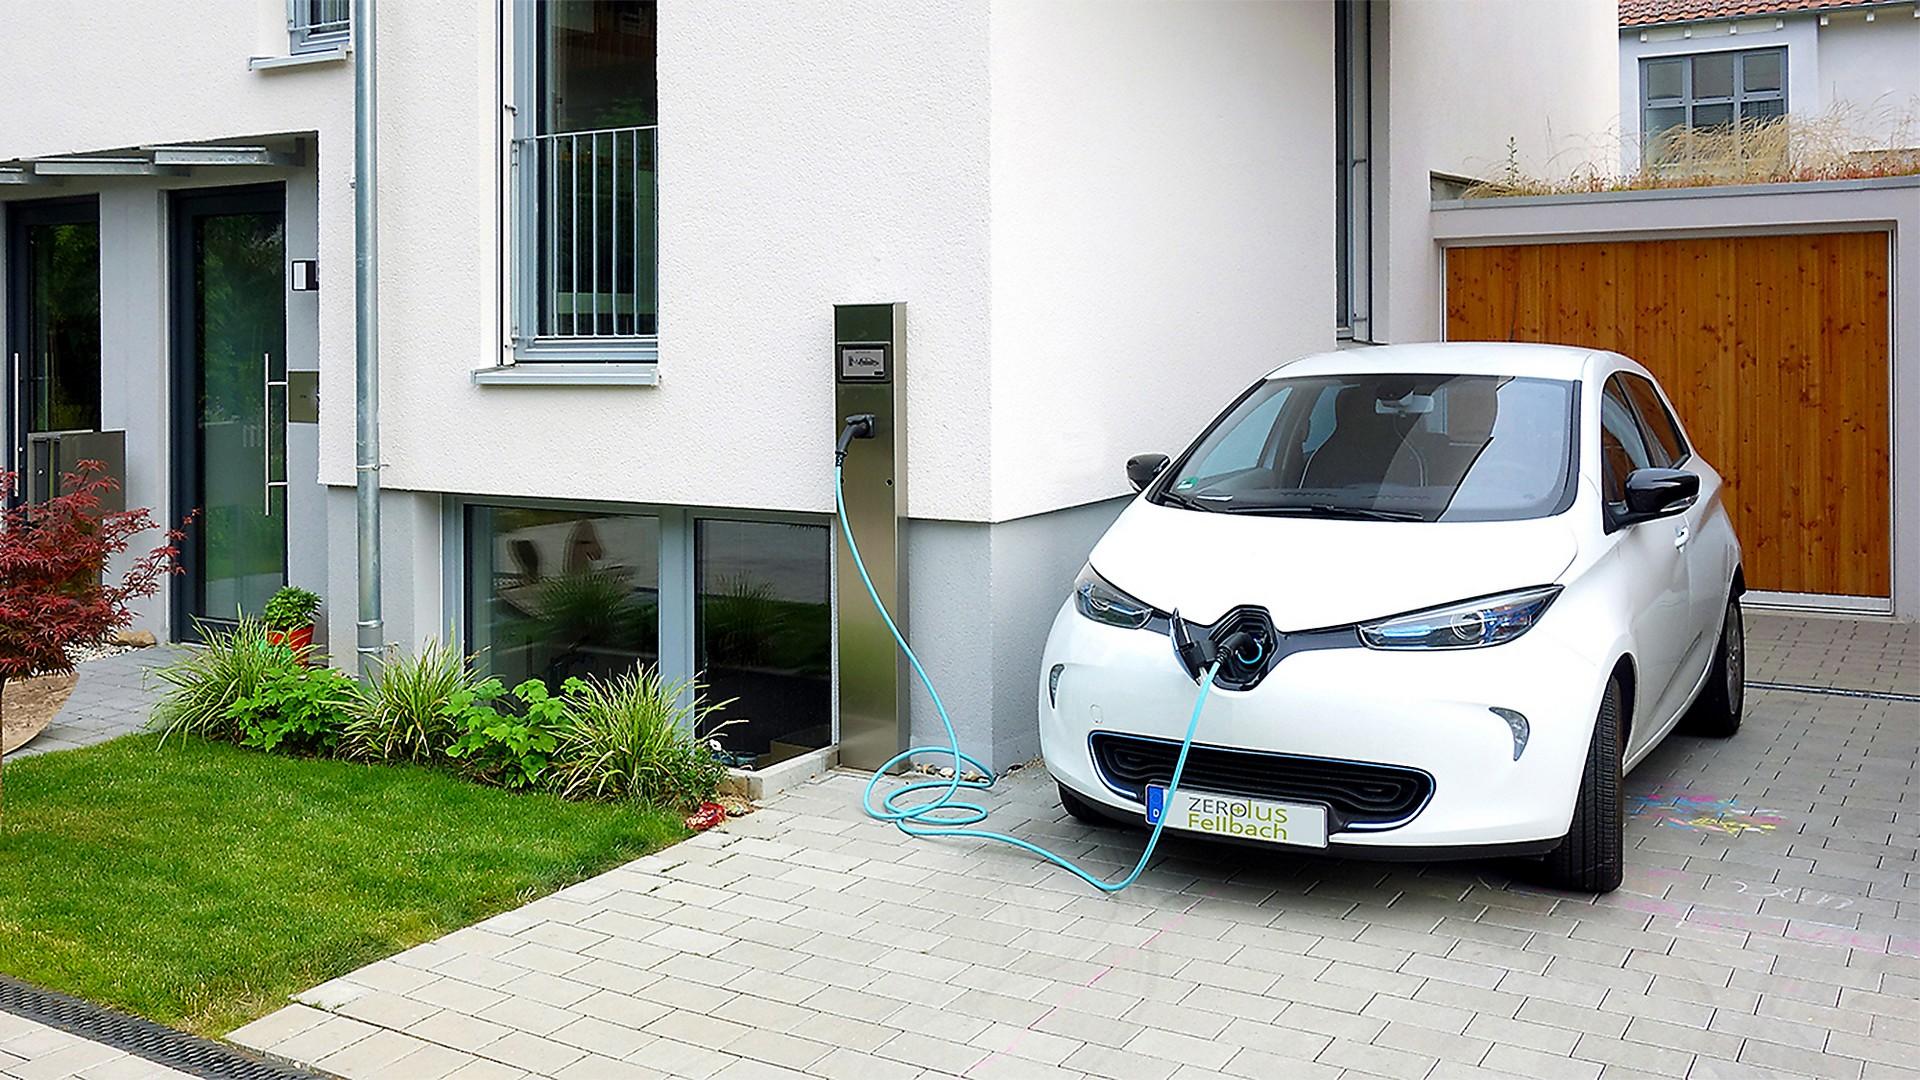 Auto elettriche ogni casa nuova o ristrutturata avr un - Serranda elettrica casa ...